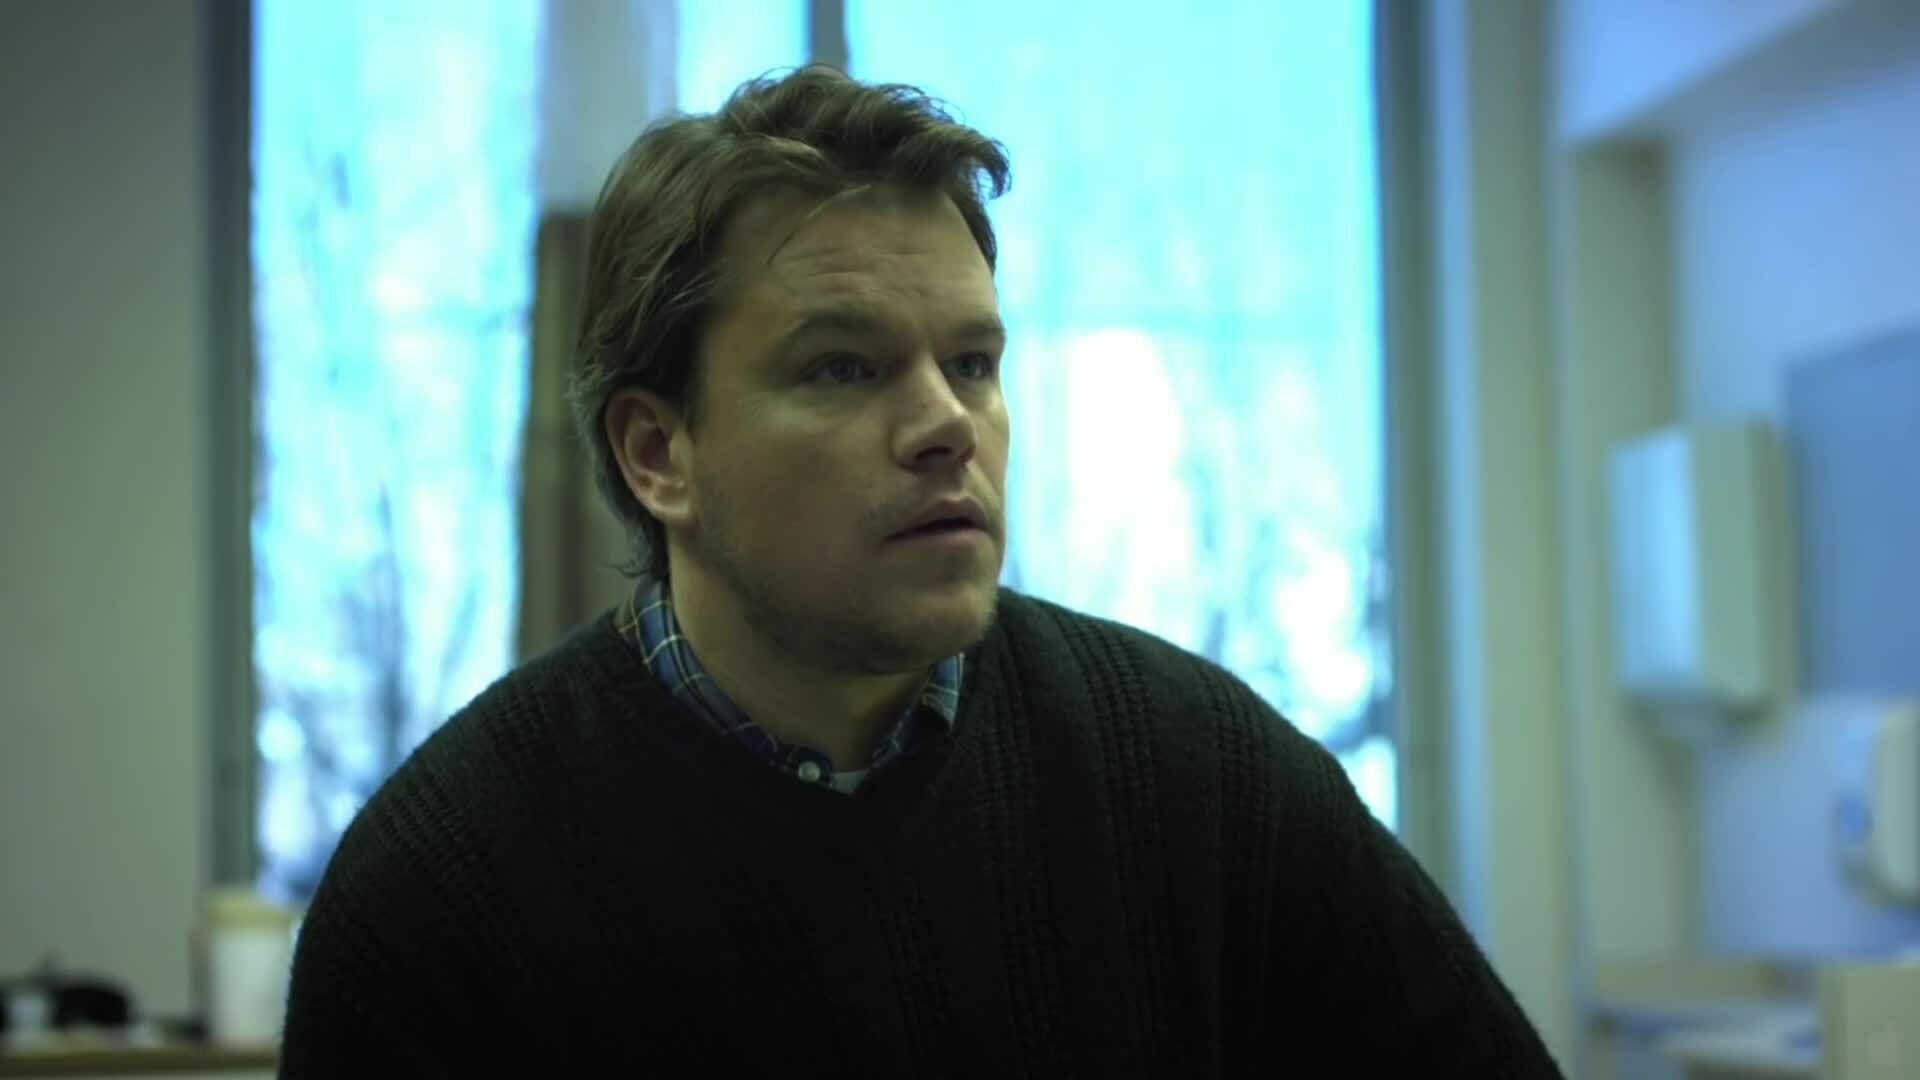 Contagion (2011) trailer